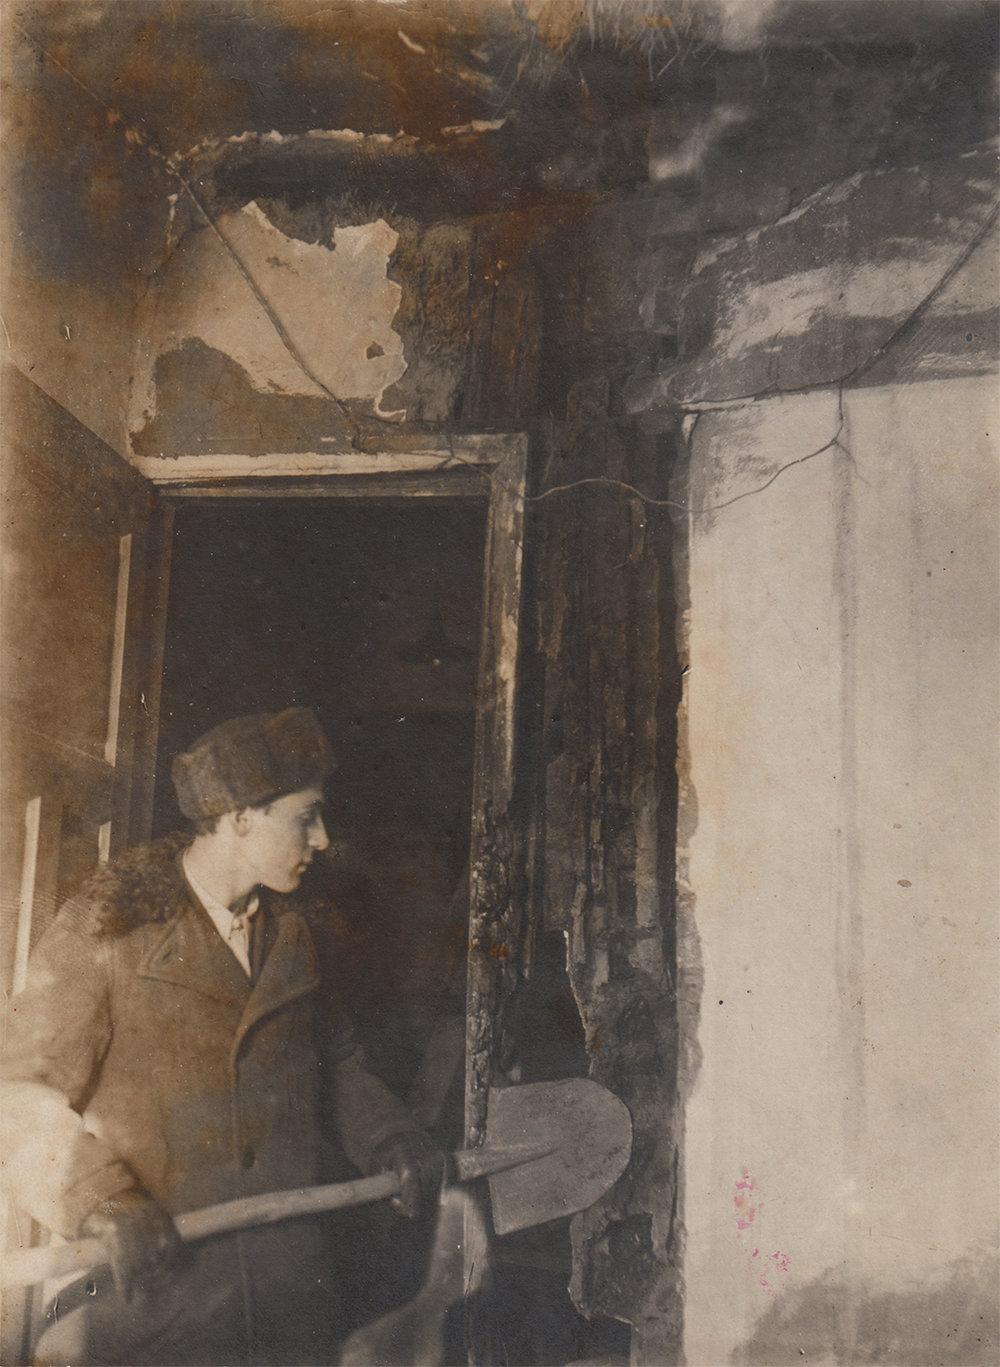 Efim Stolyarsky, 1940